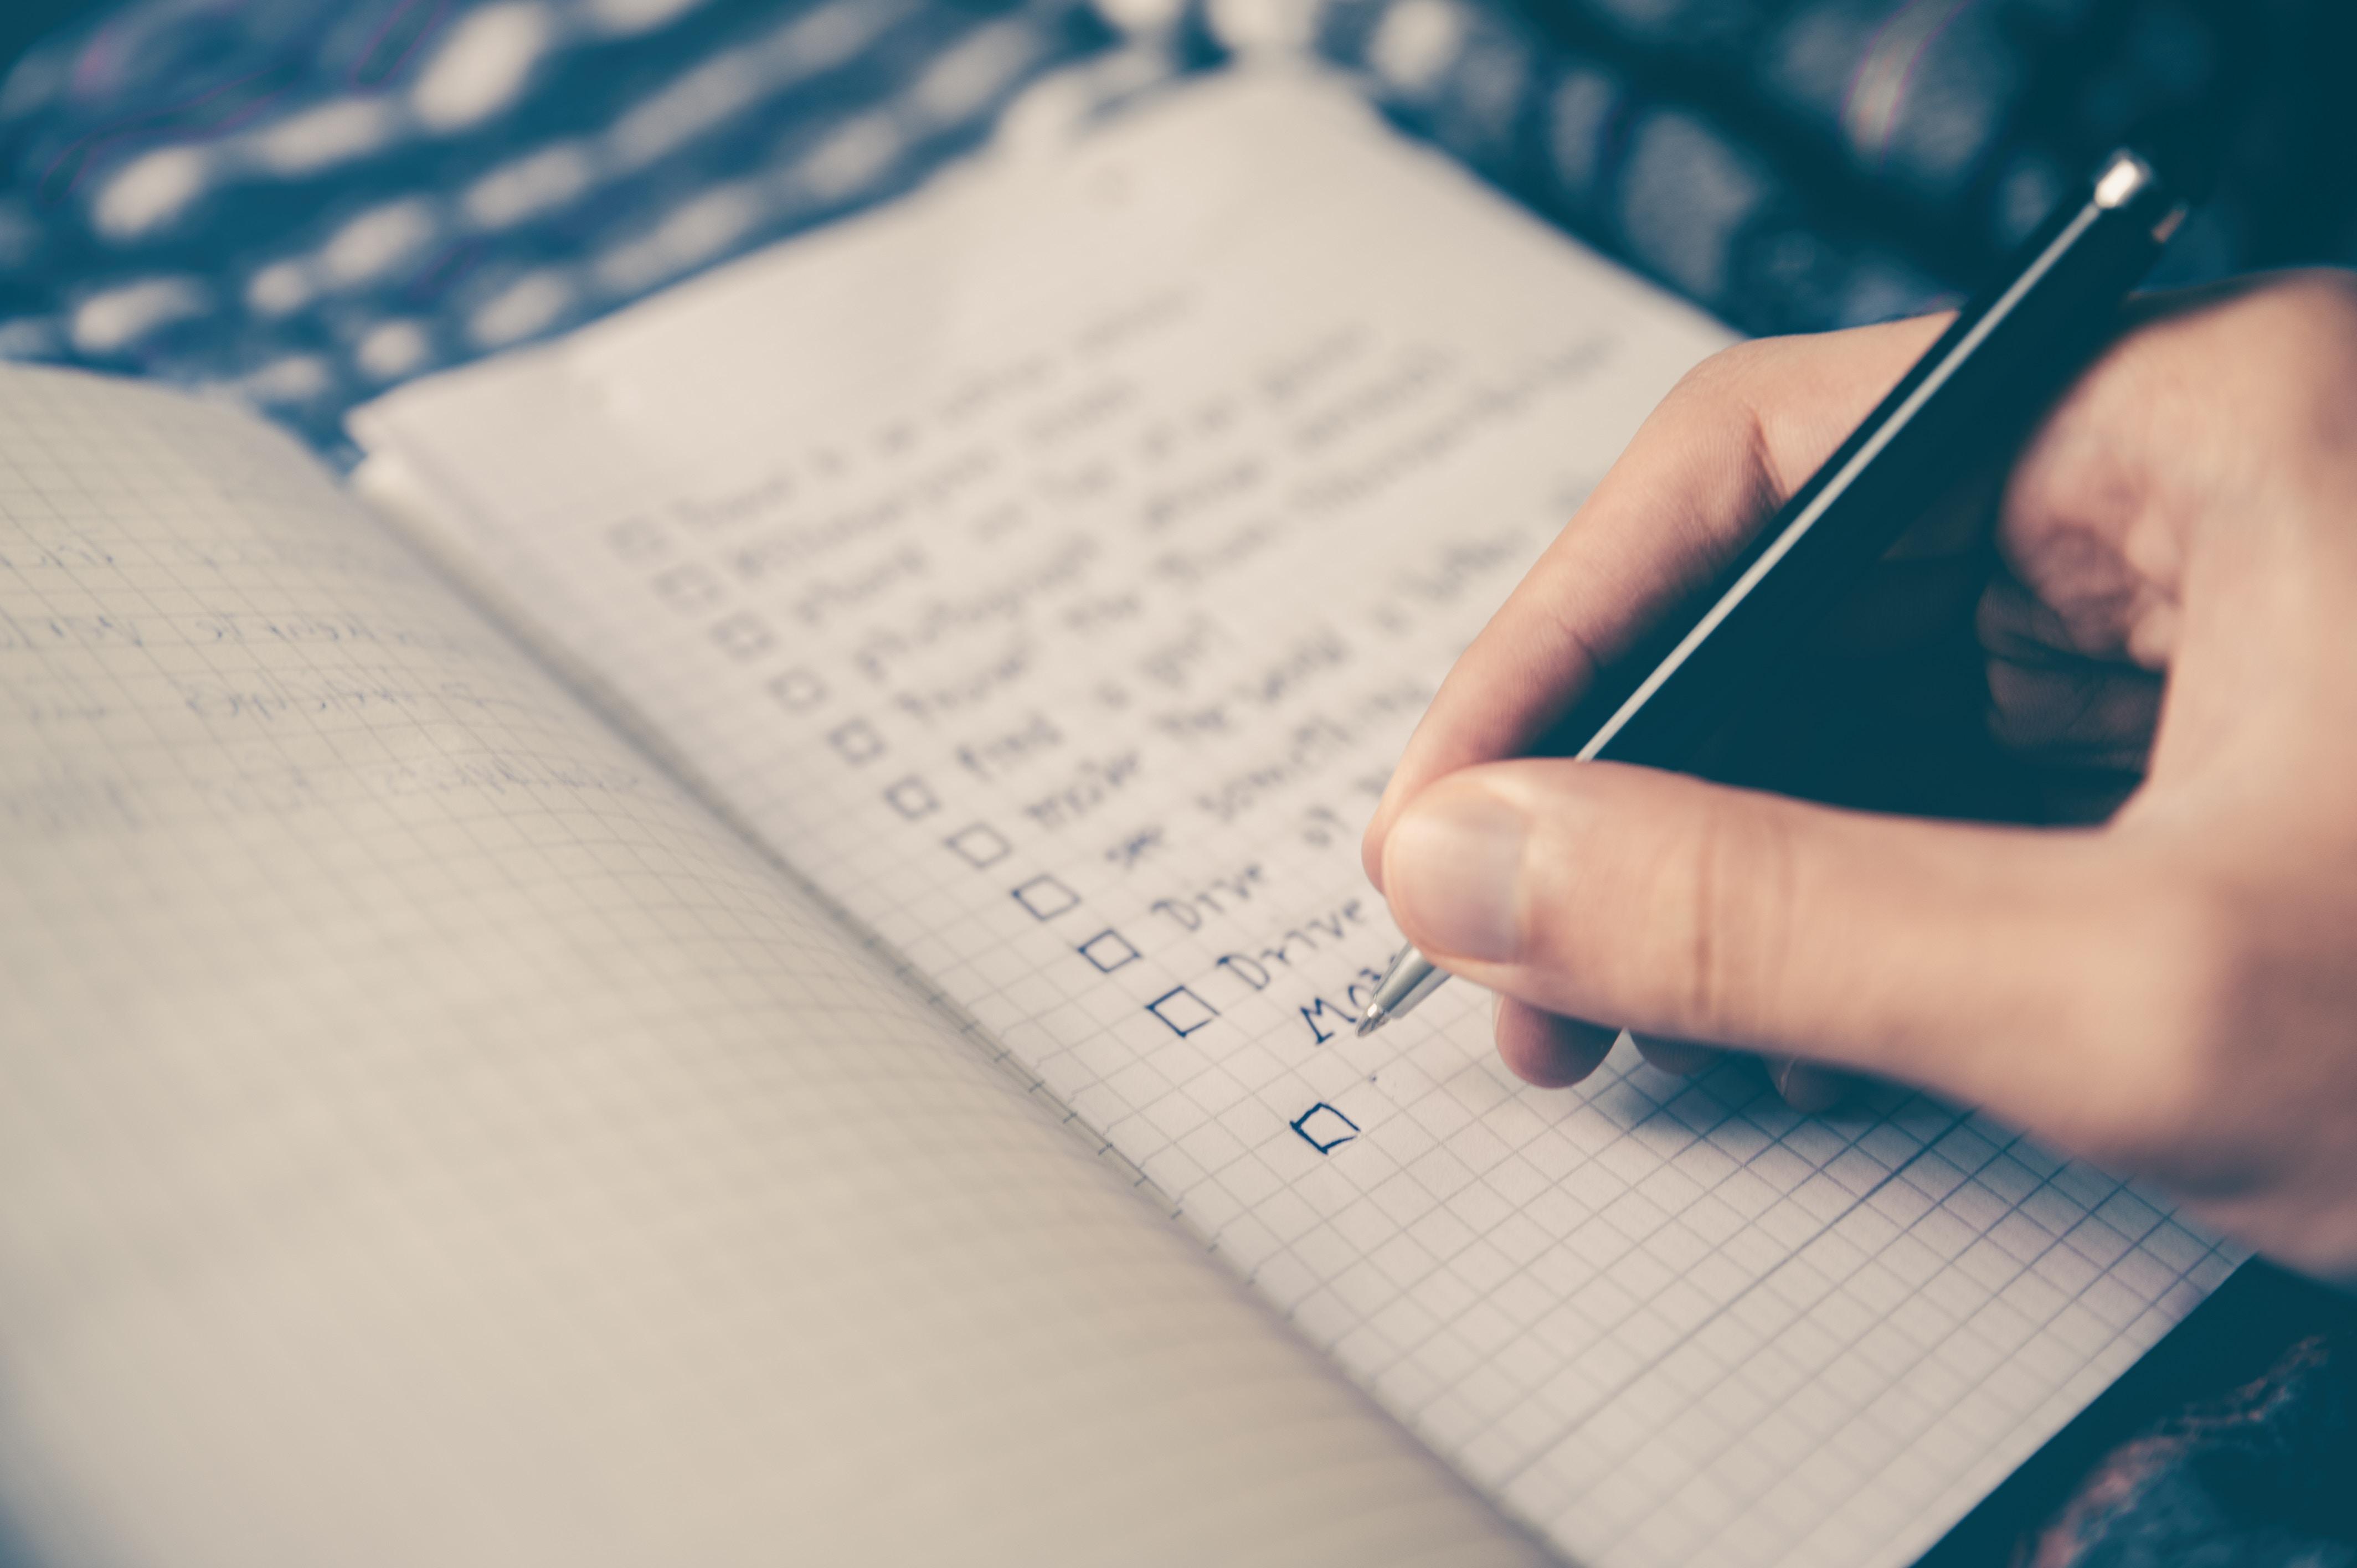 santé mentale parents enfants temps organisation planifier liste